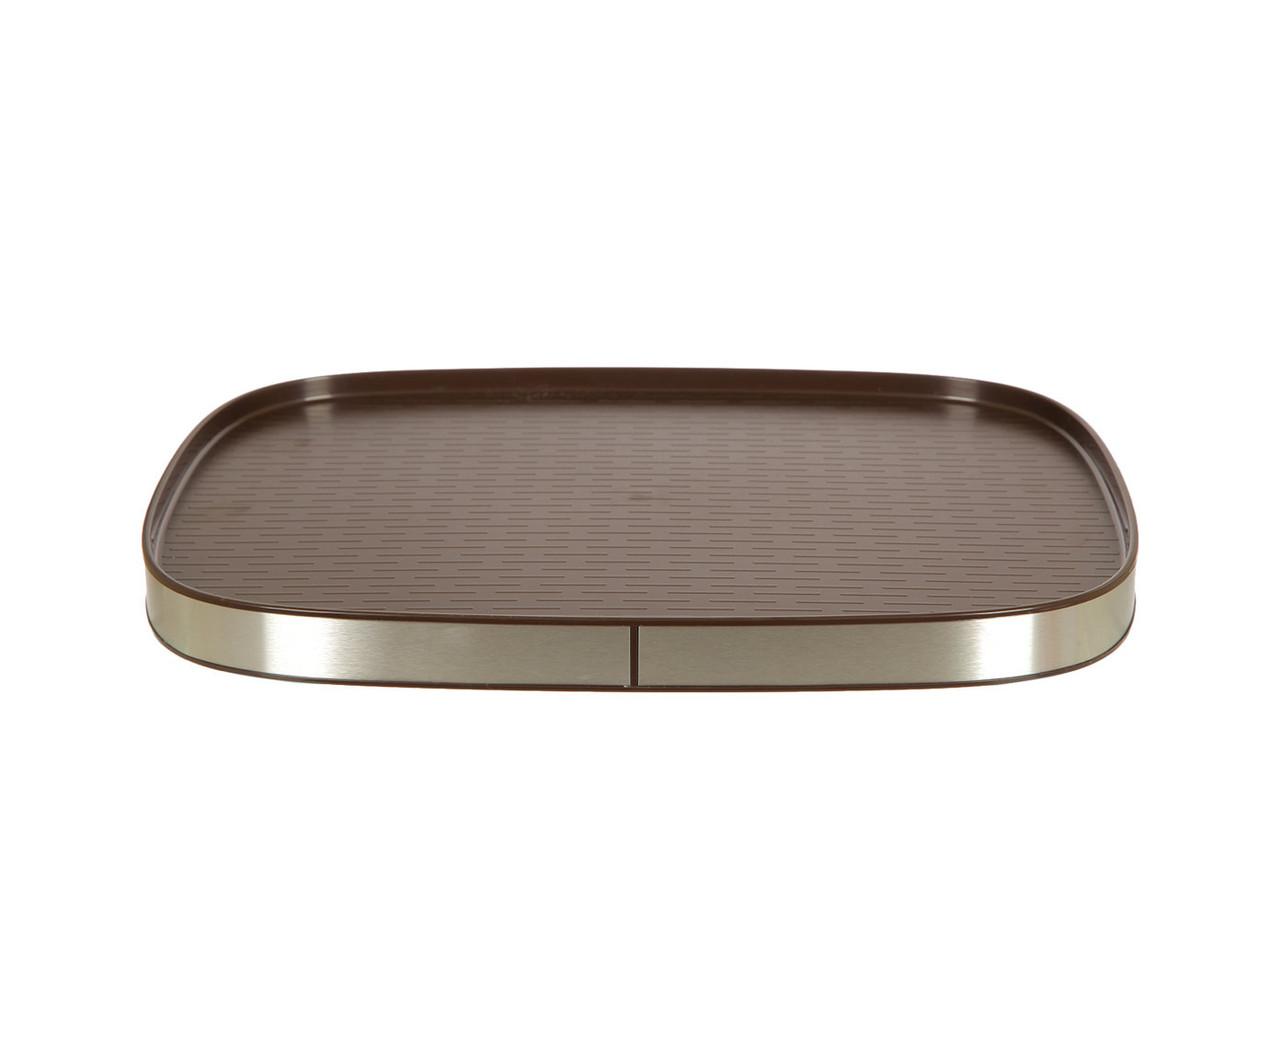 Поднос нескользящий с алюминиевым кантом коричневый 46*34,5 см PRIMA NOVA